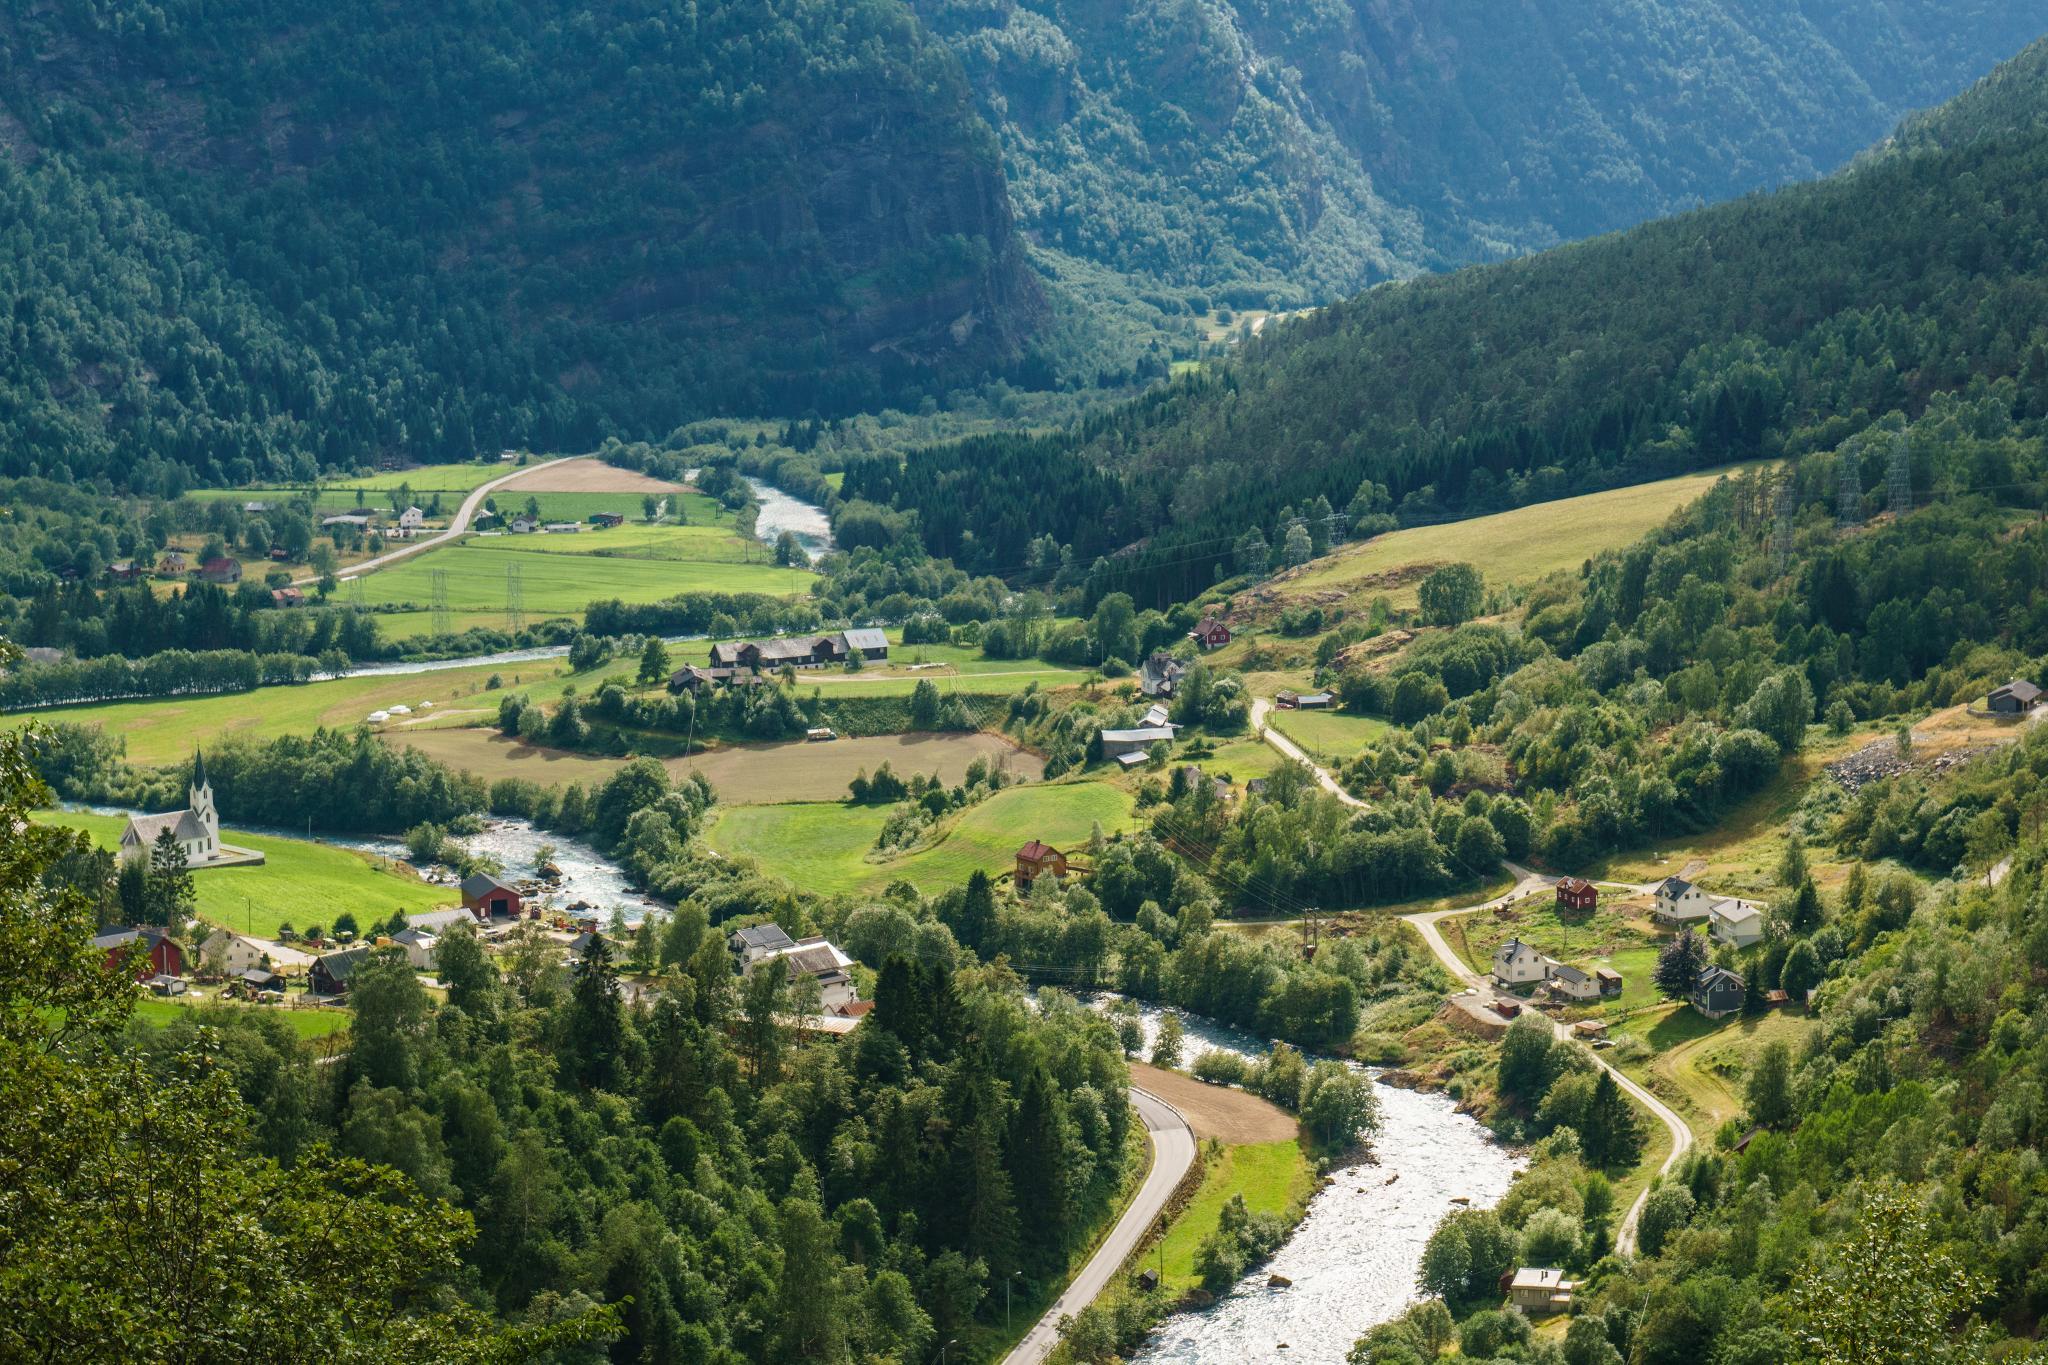 【北歐景點】穿越挪威的屋脊 - 前進北歐最美的冰原景觀公路 Fv55松恩山路 (Sognefjellet) 35